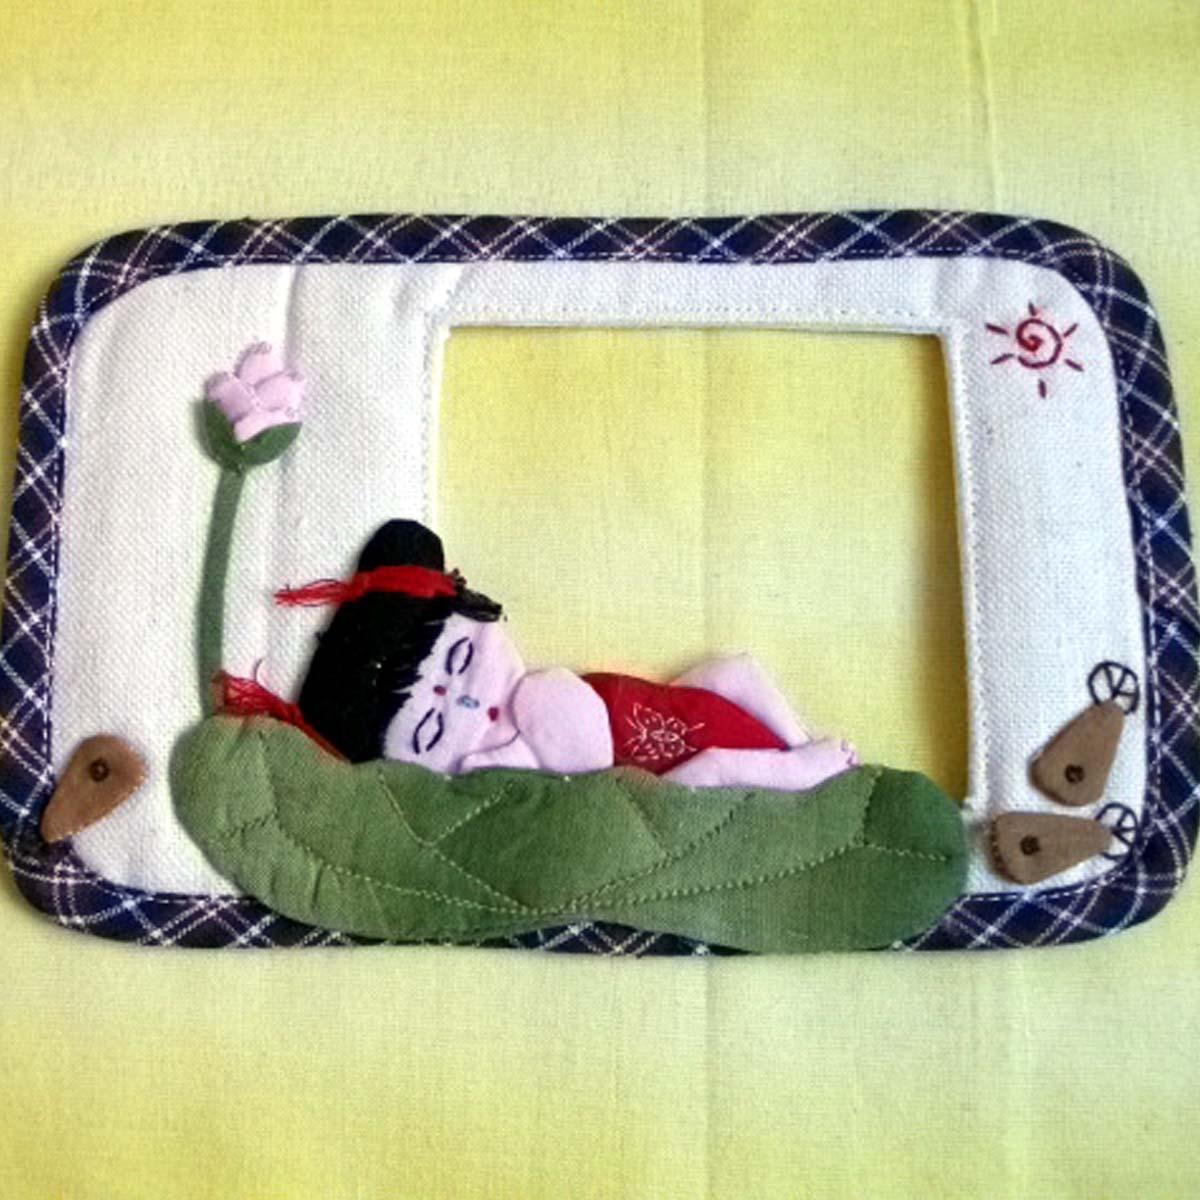 Декор для  выключателя Аутентичные украшения подарков ручной Пошив детских новых домов-штука переключатель